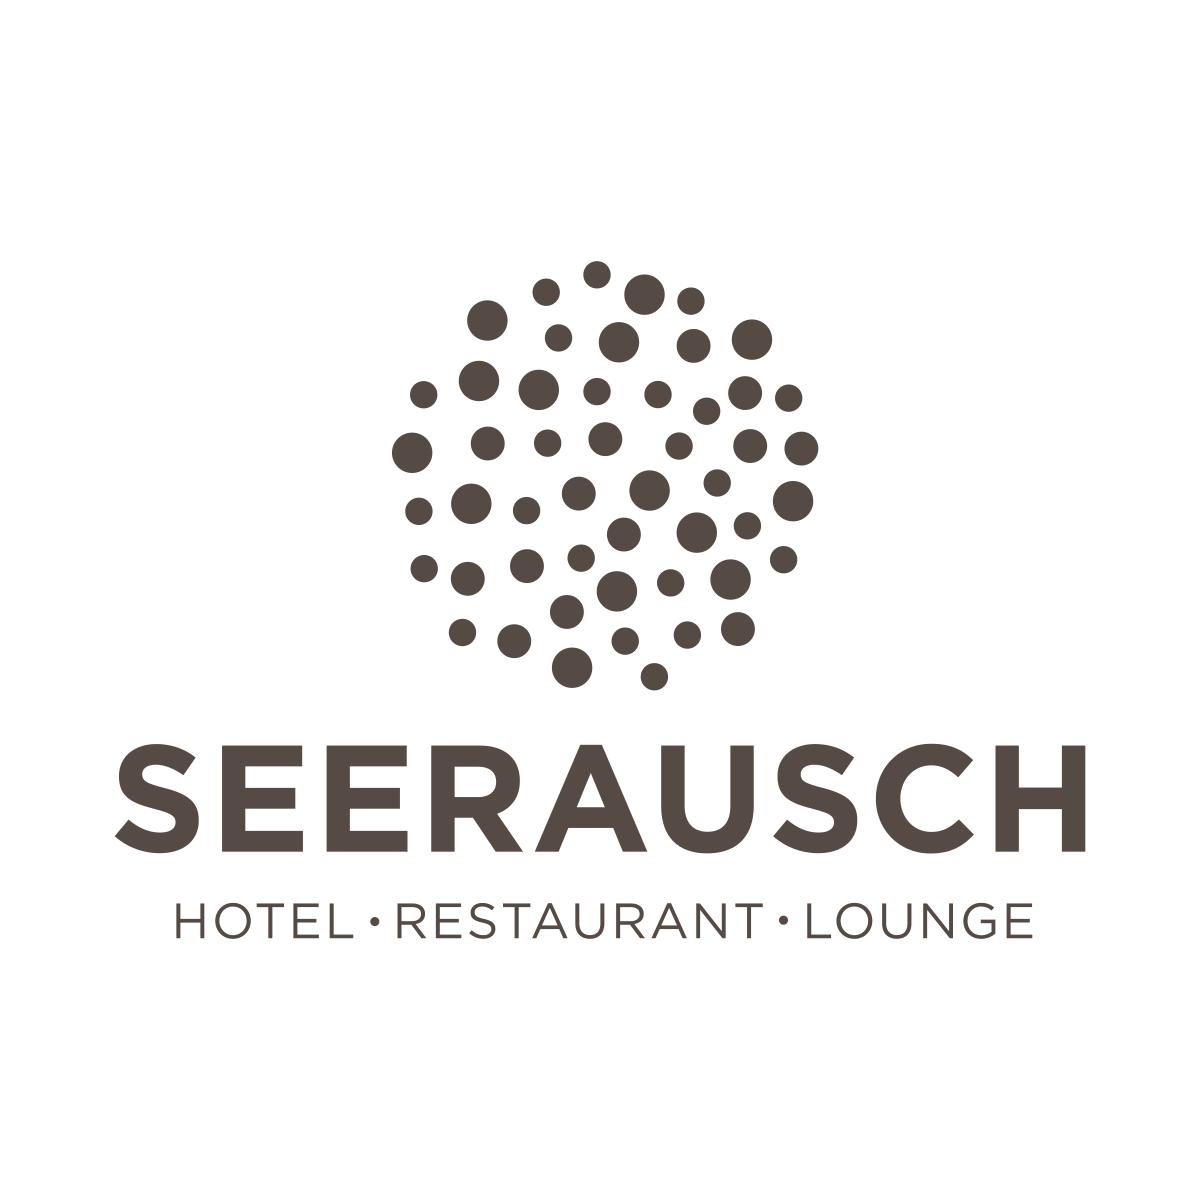 Seerausch Beckenried